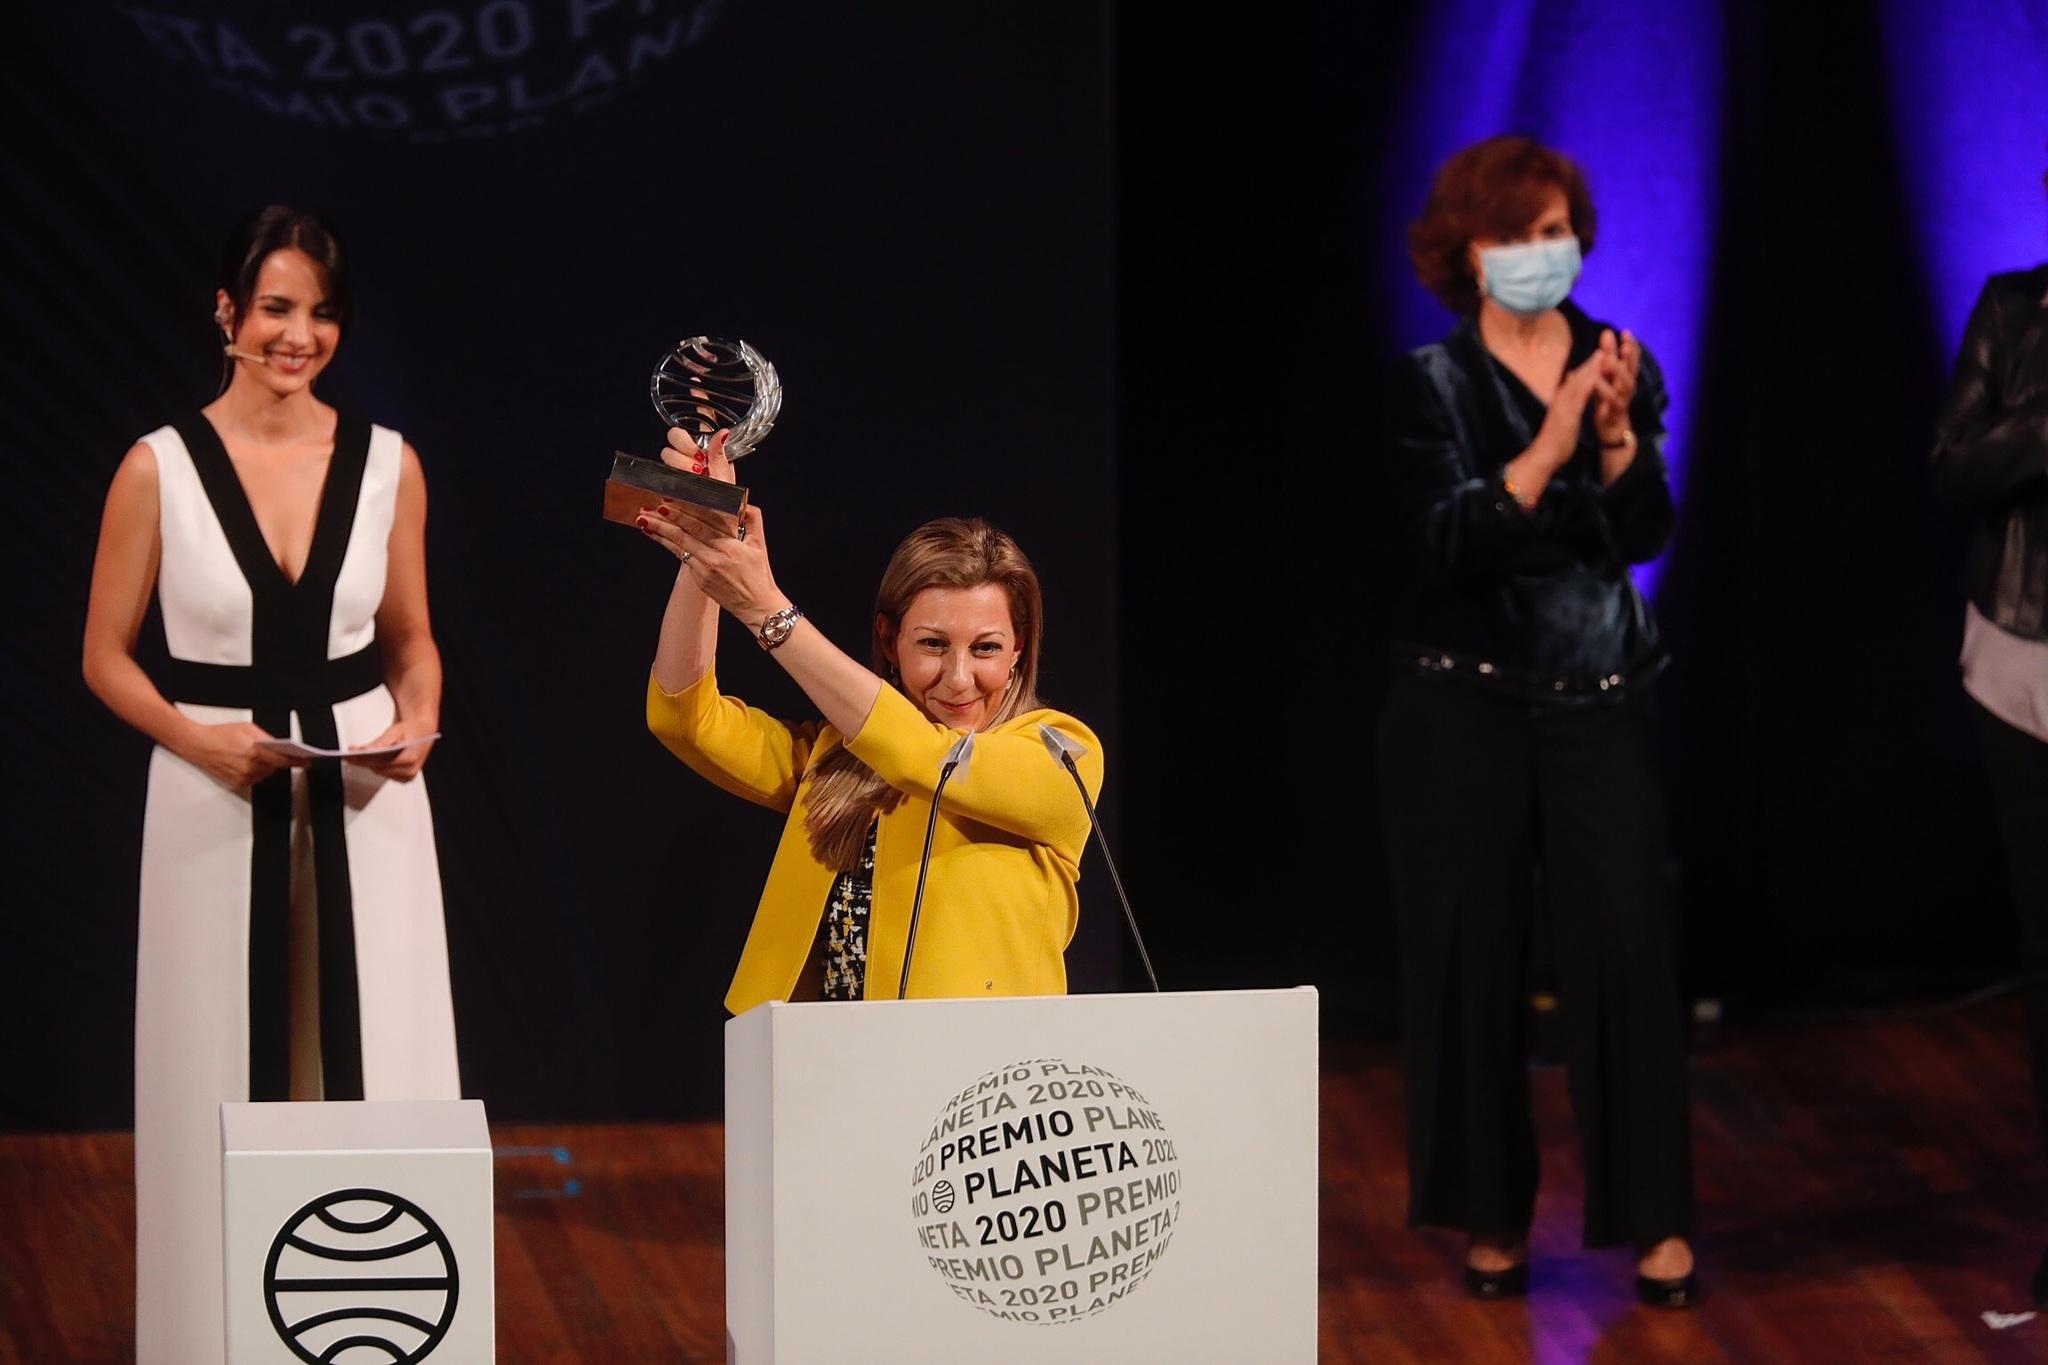 Un Premio Planeta femenino y superventas: Eva García Sáenz de Urturi, ganadora, y Sandra Barneda, finalista